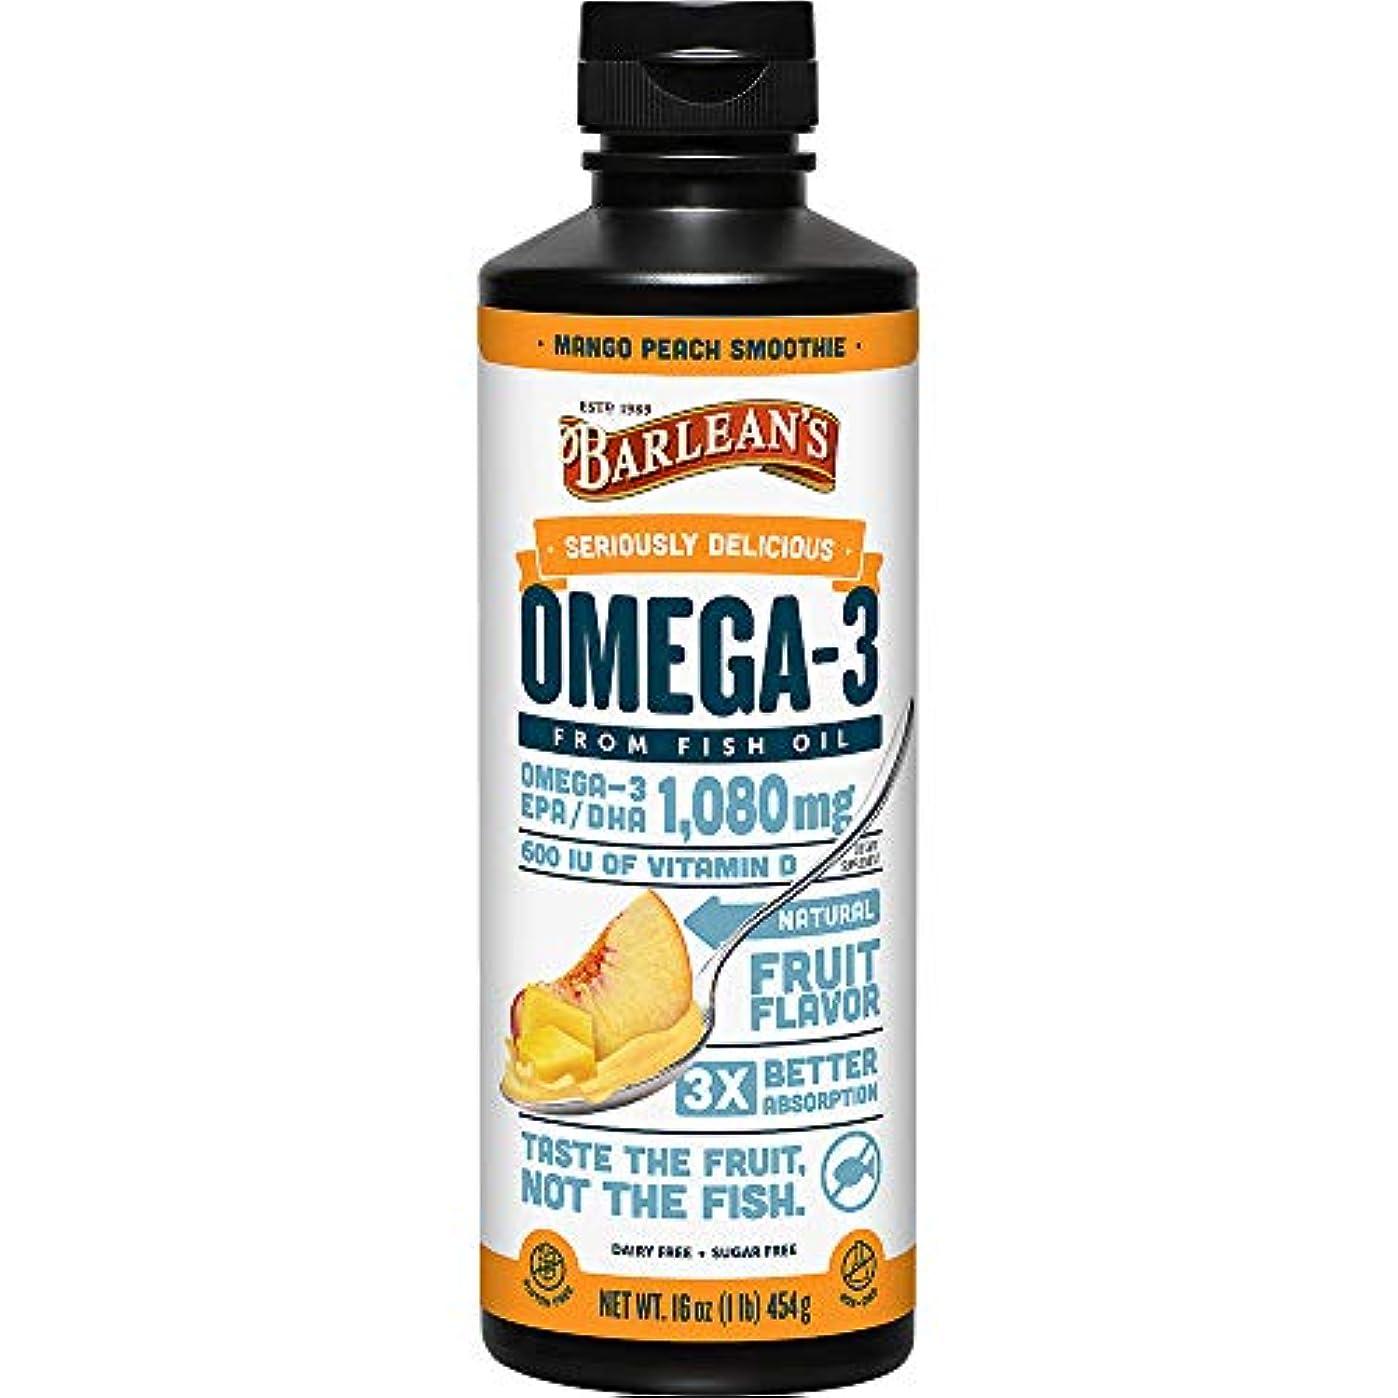 とげ恥知っているに立ち寄るBarlean's - Omegaの渦巻Omega-の3 魚オイルのマンゴのモモ - 16ポンド